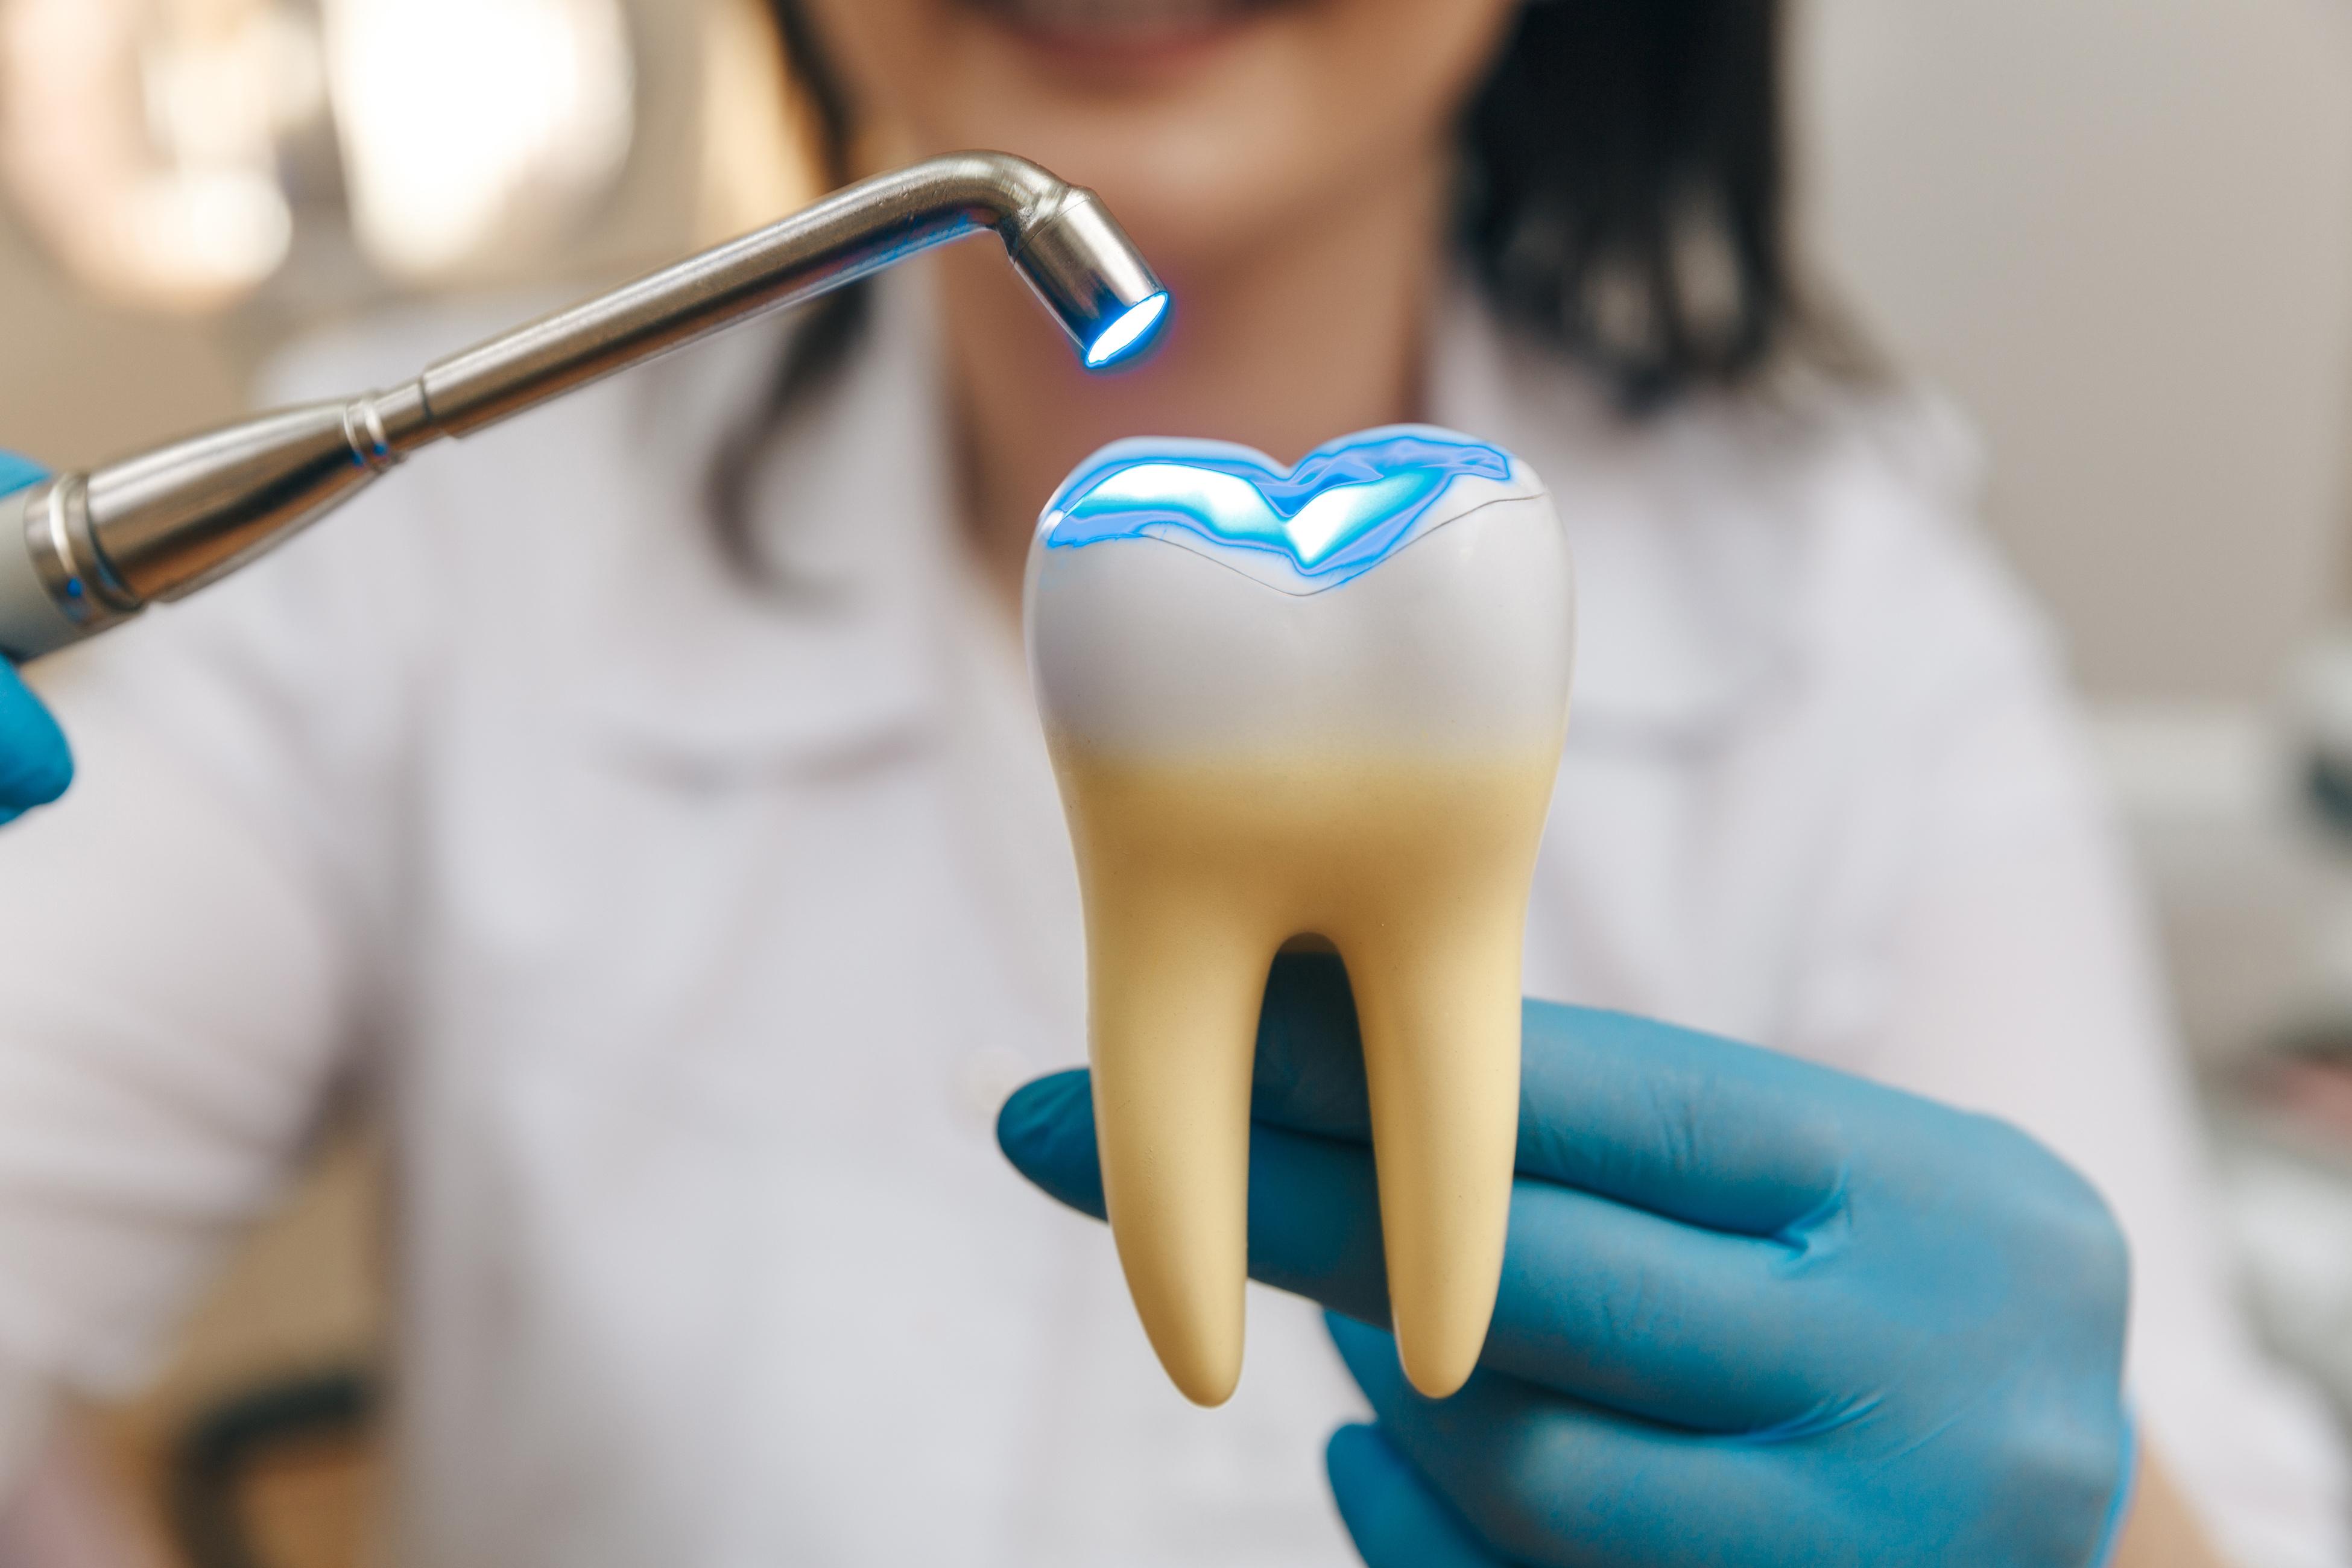 dental filling example